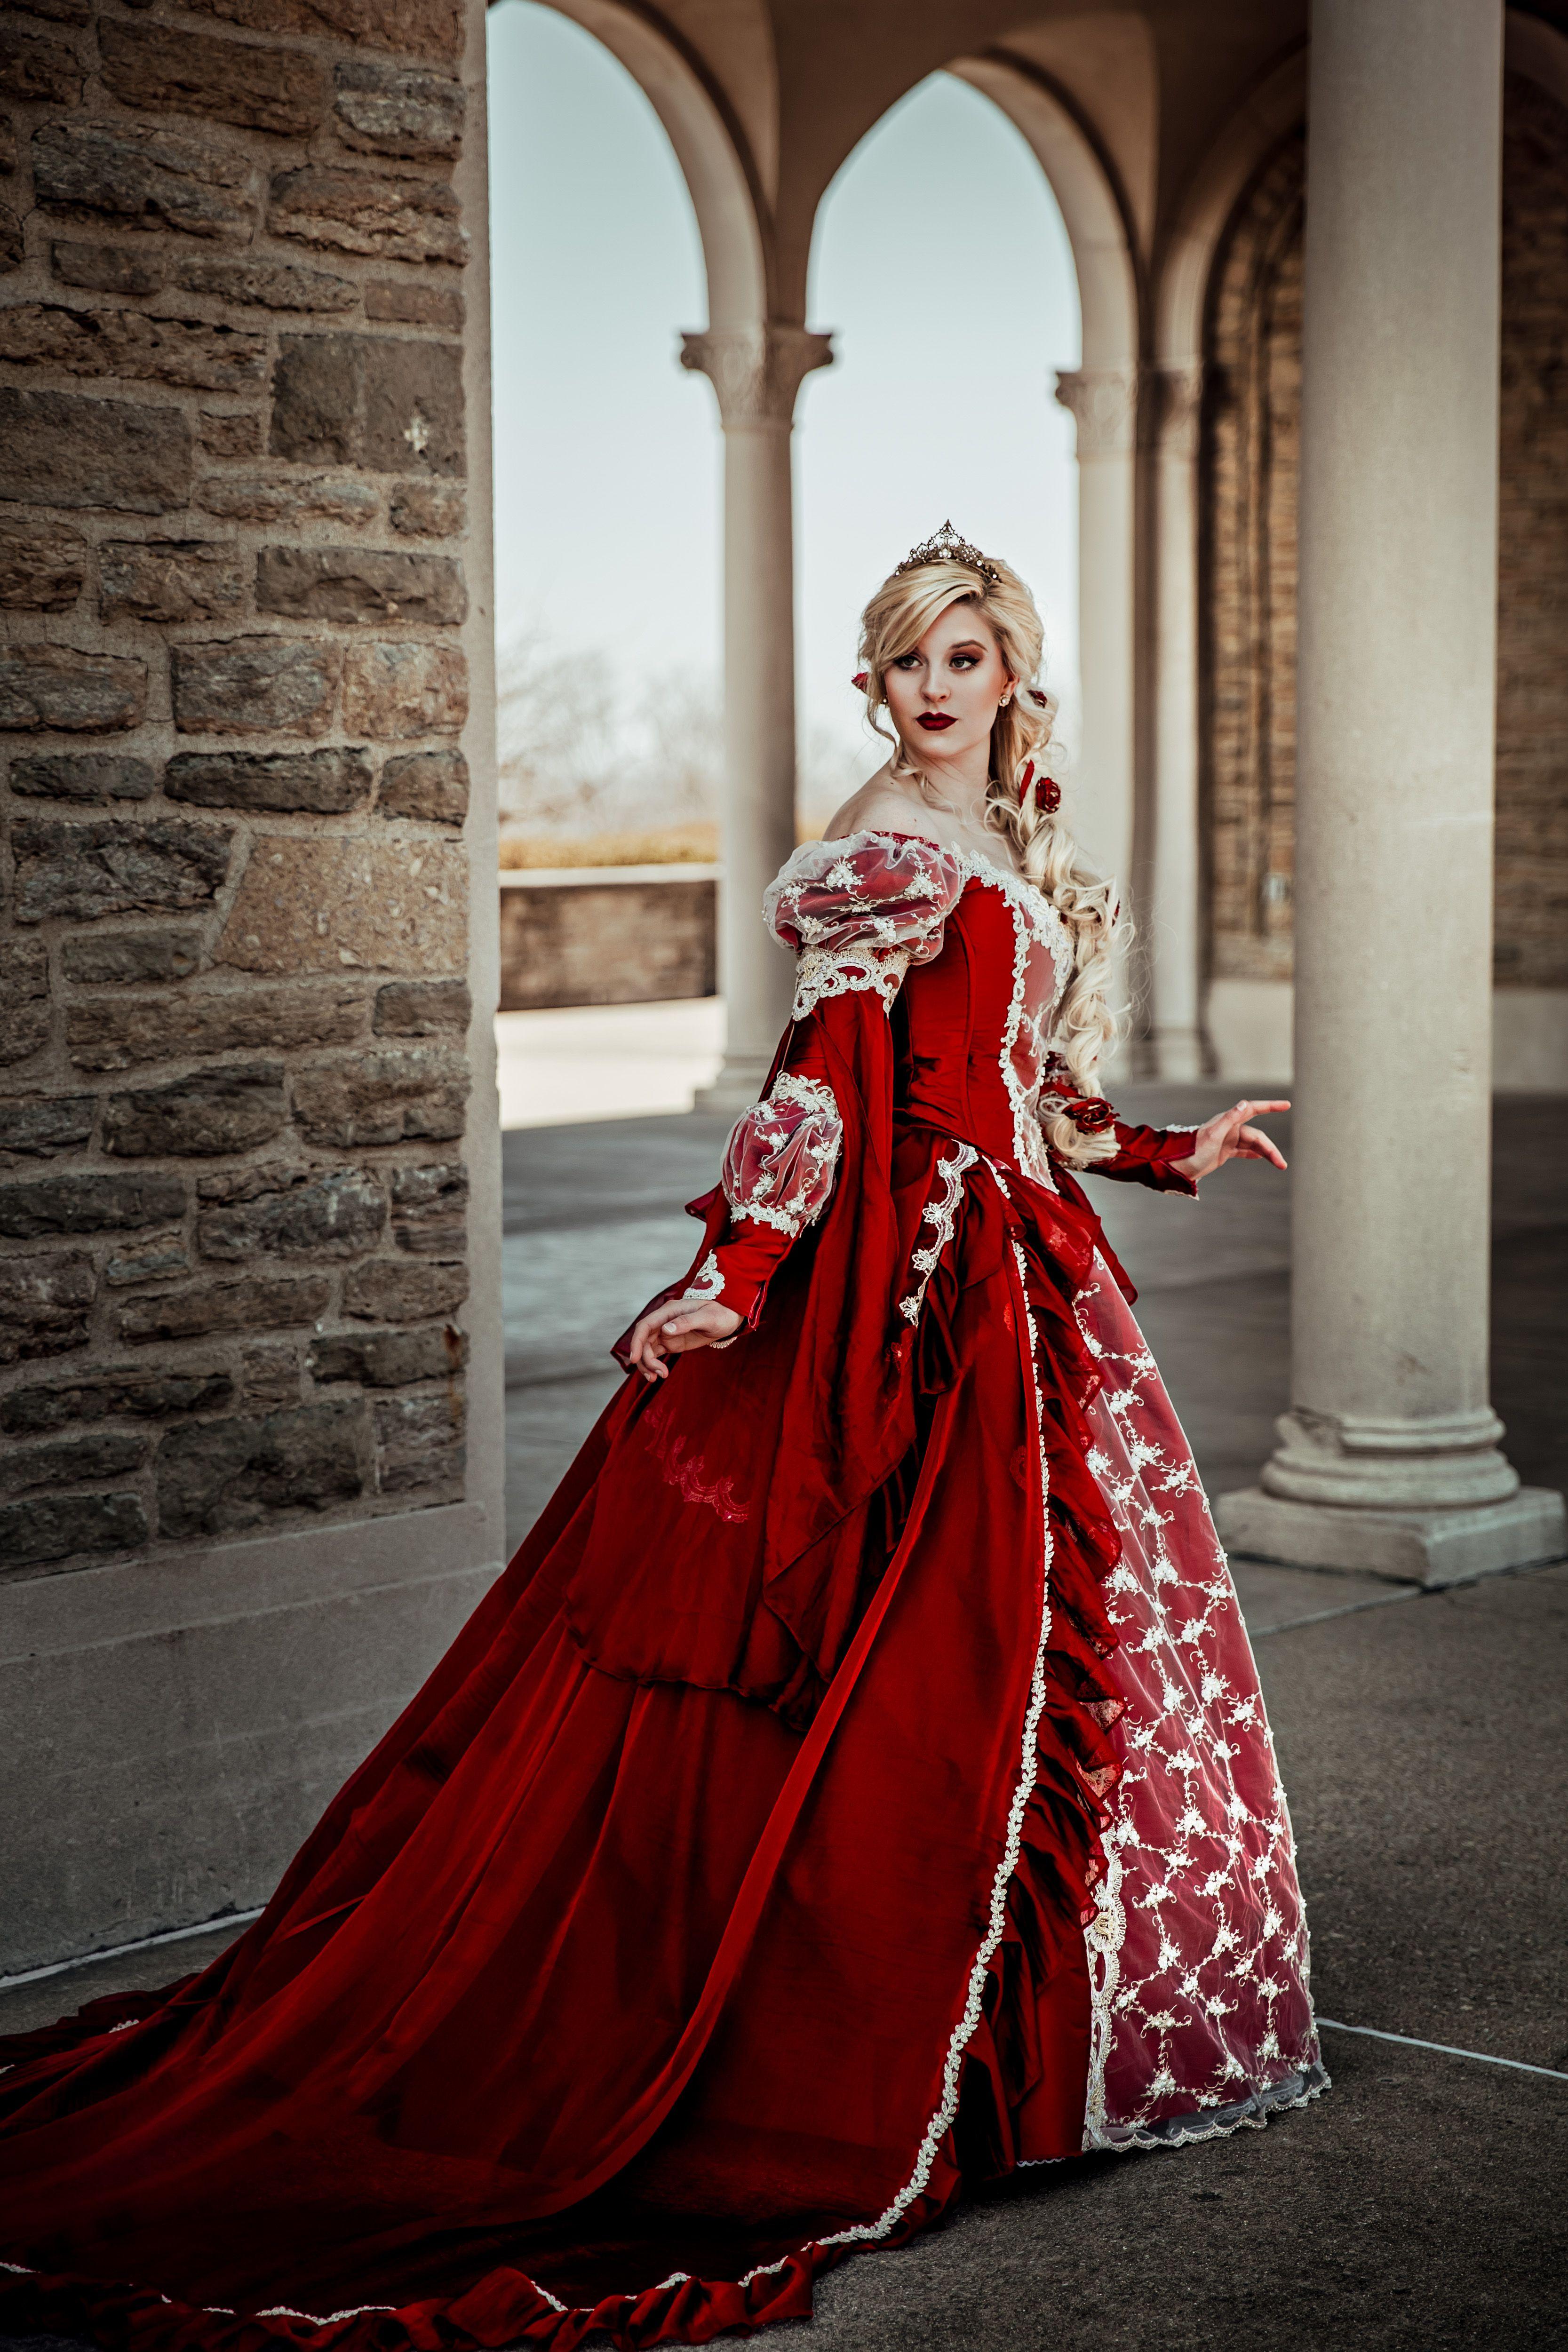 например, фотосессия в средневековых костюмах среди